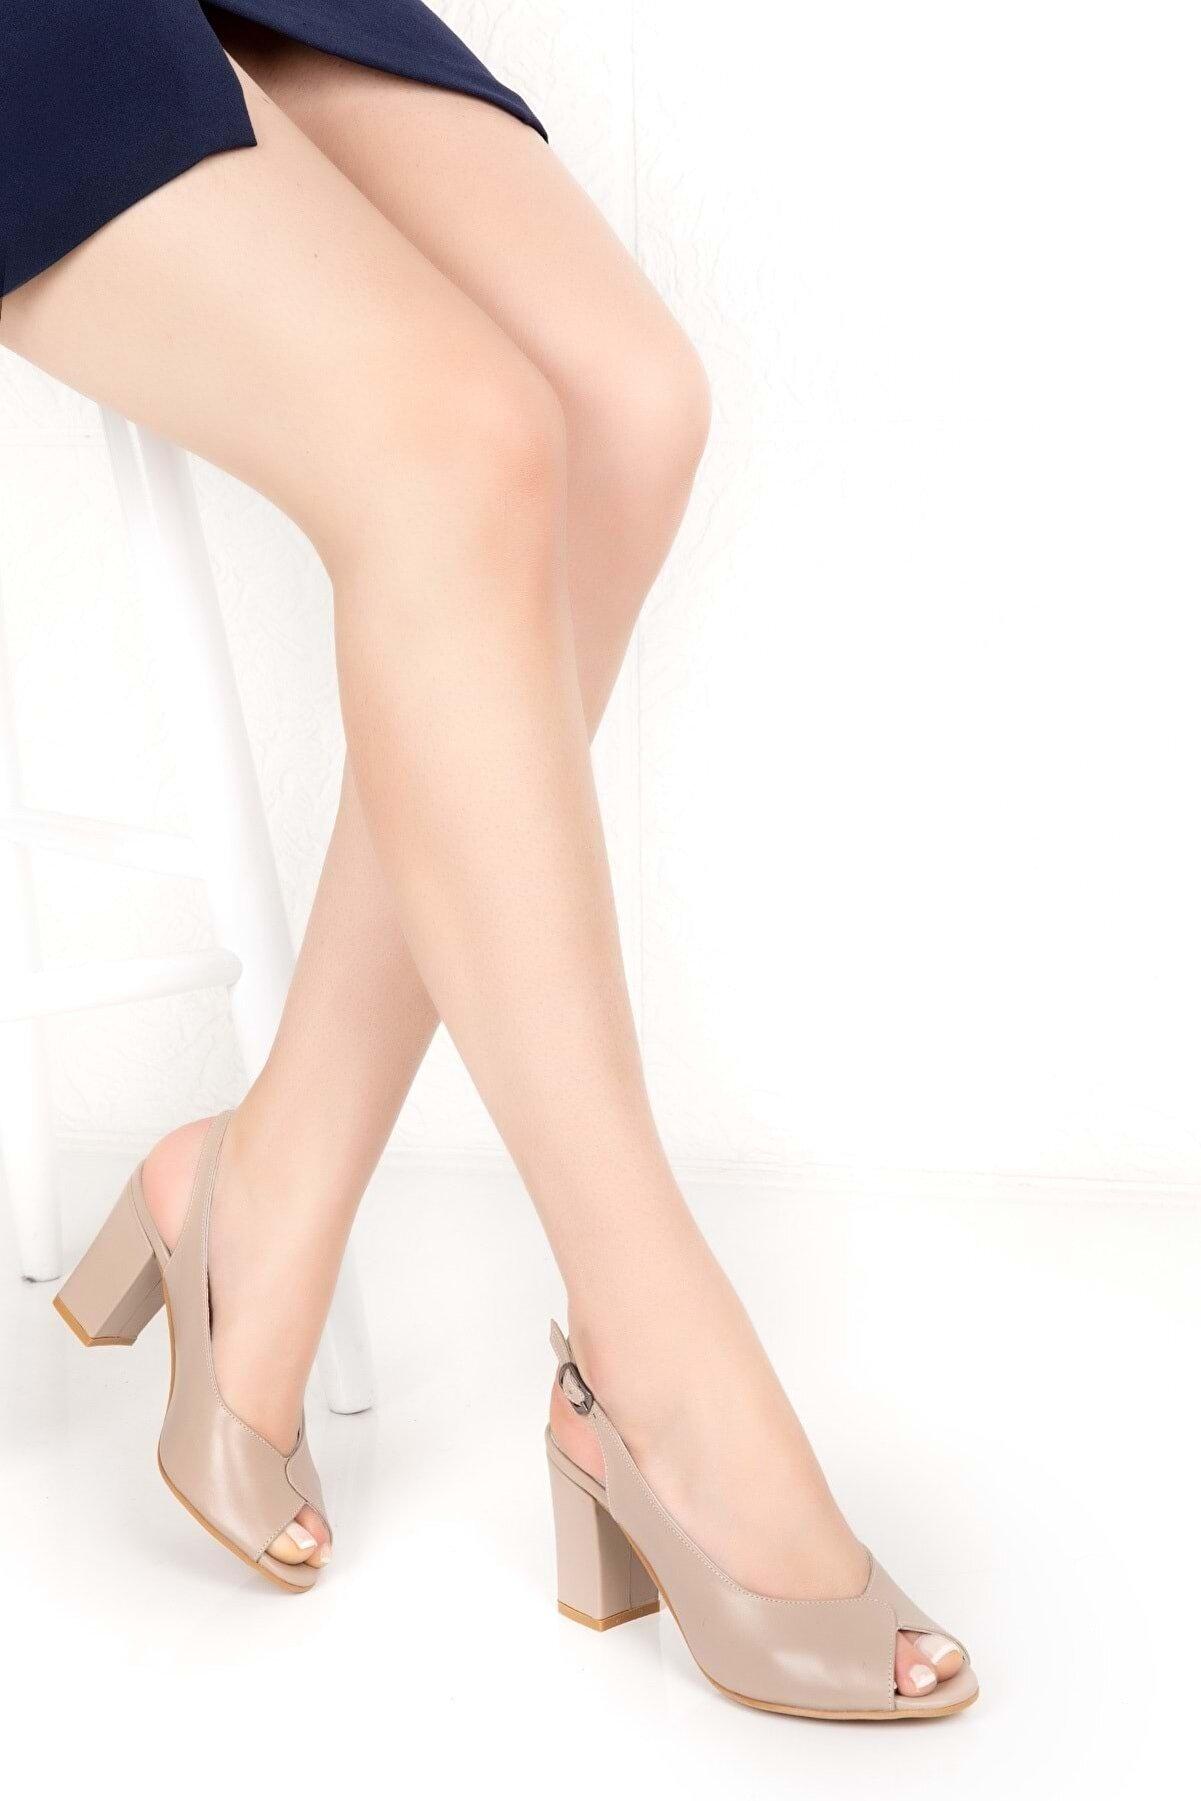 Gondol Kadın Hakiki Deri Klasik Topuklu Ayakkabı Şhn.0091 - Vizon - 38